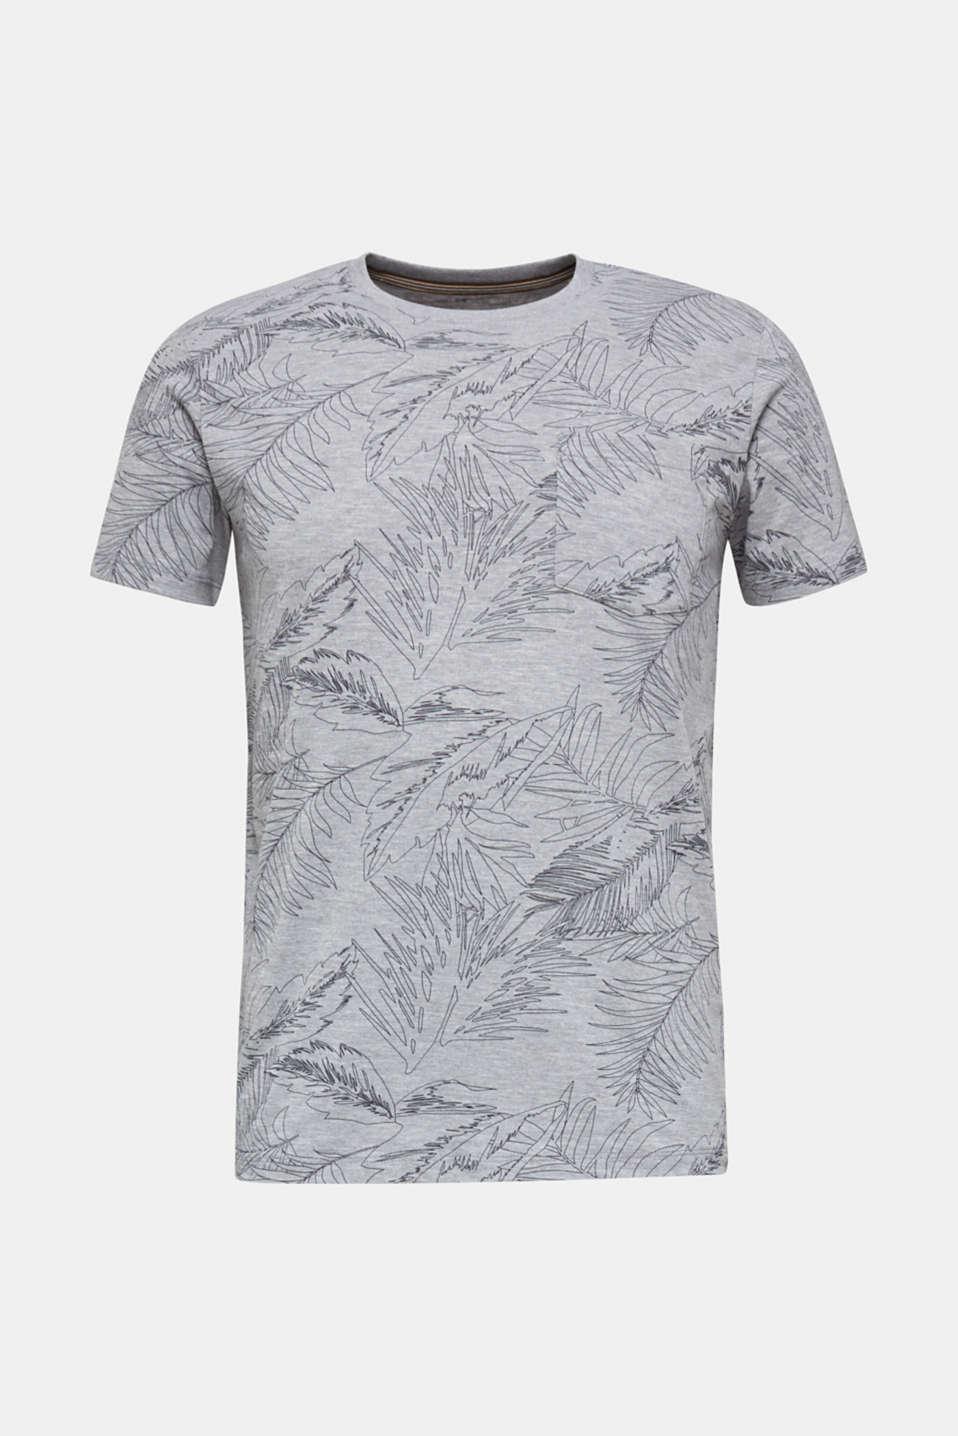 Printed jersey T-shirt, MEDIUM GREY 4, detail image number 6